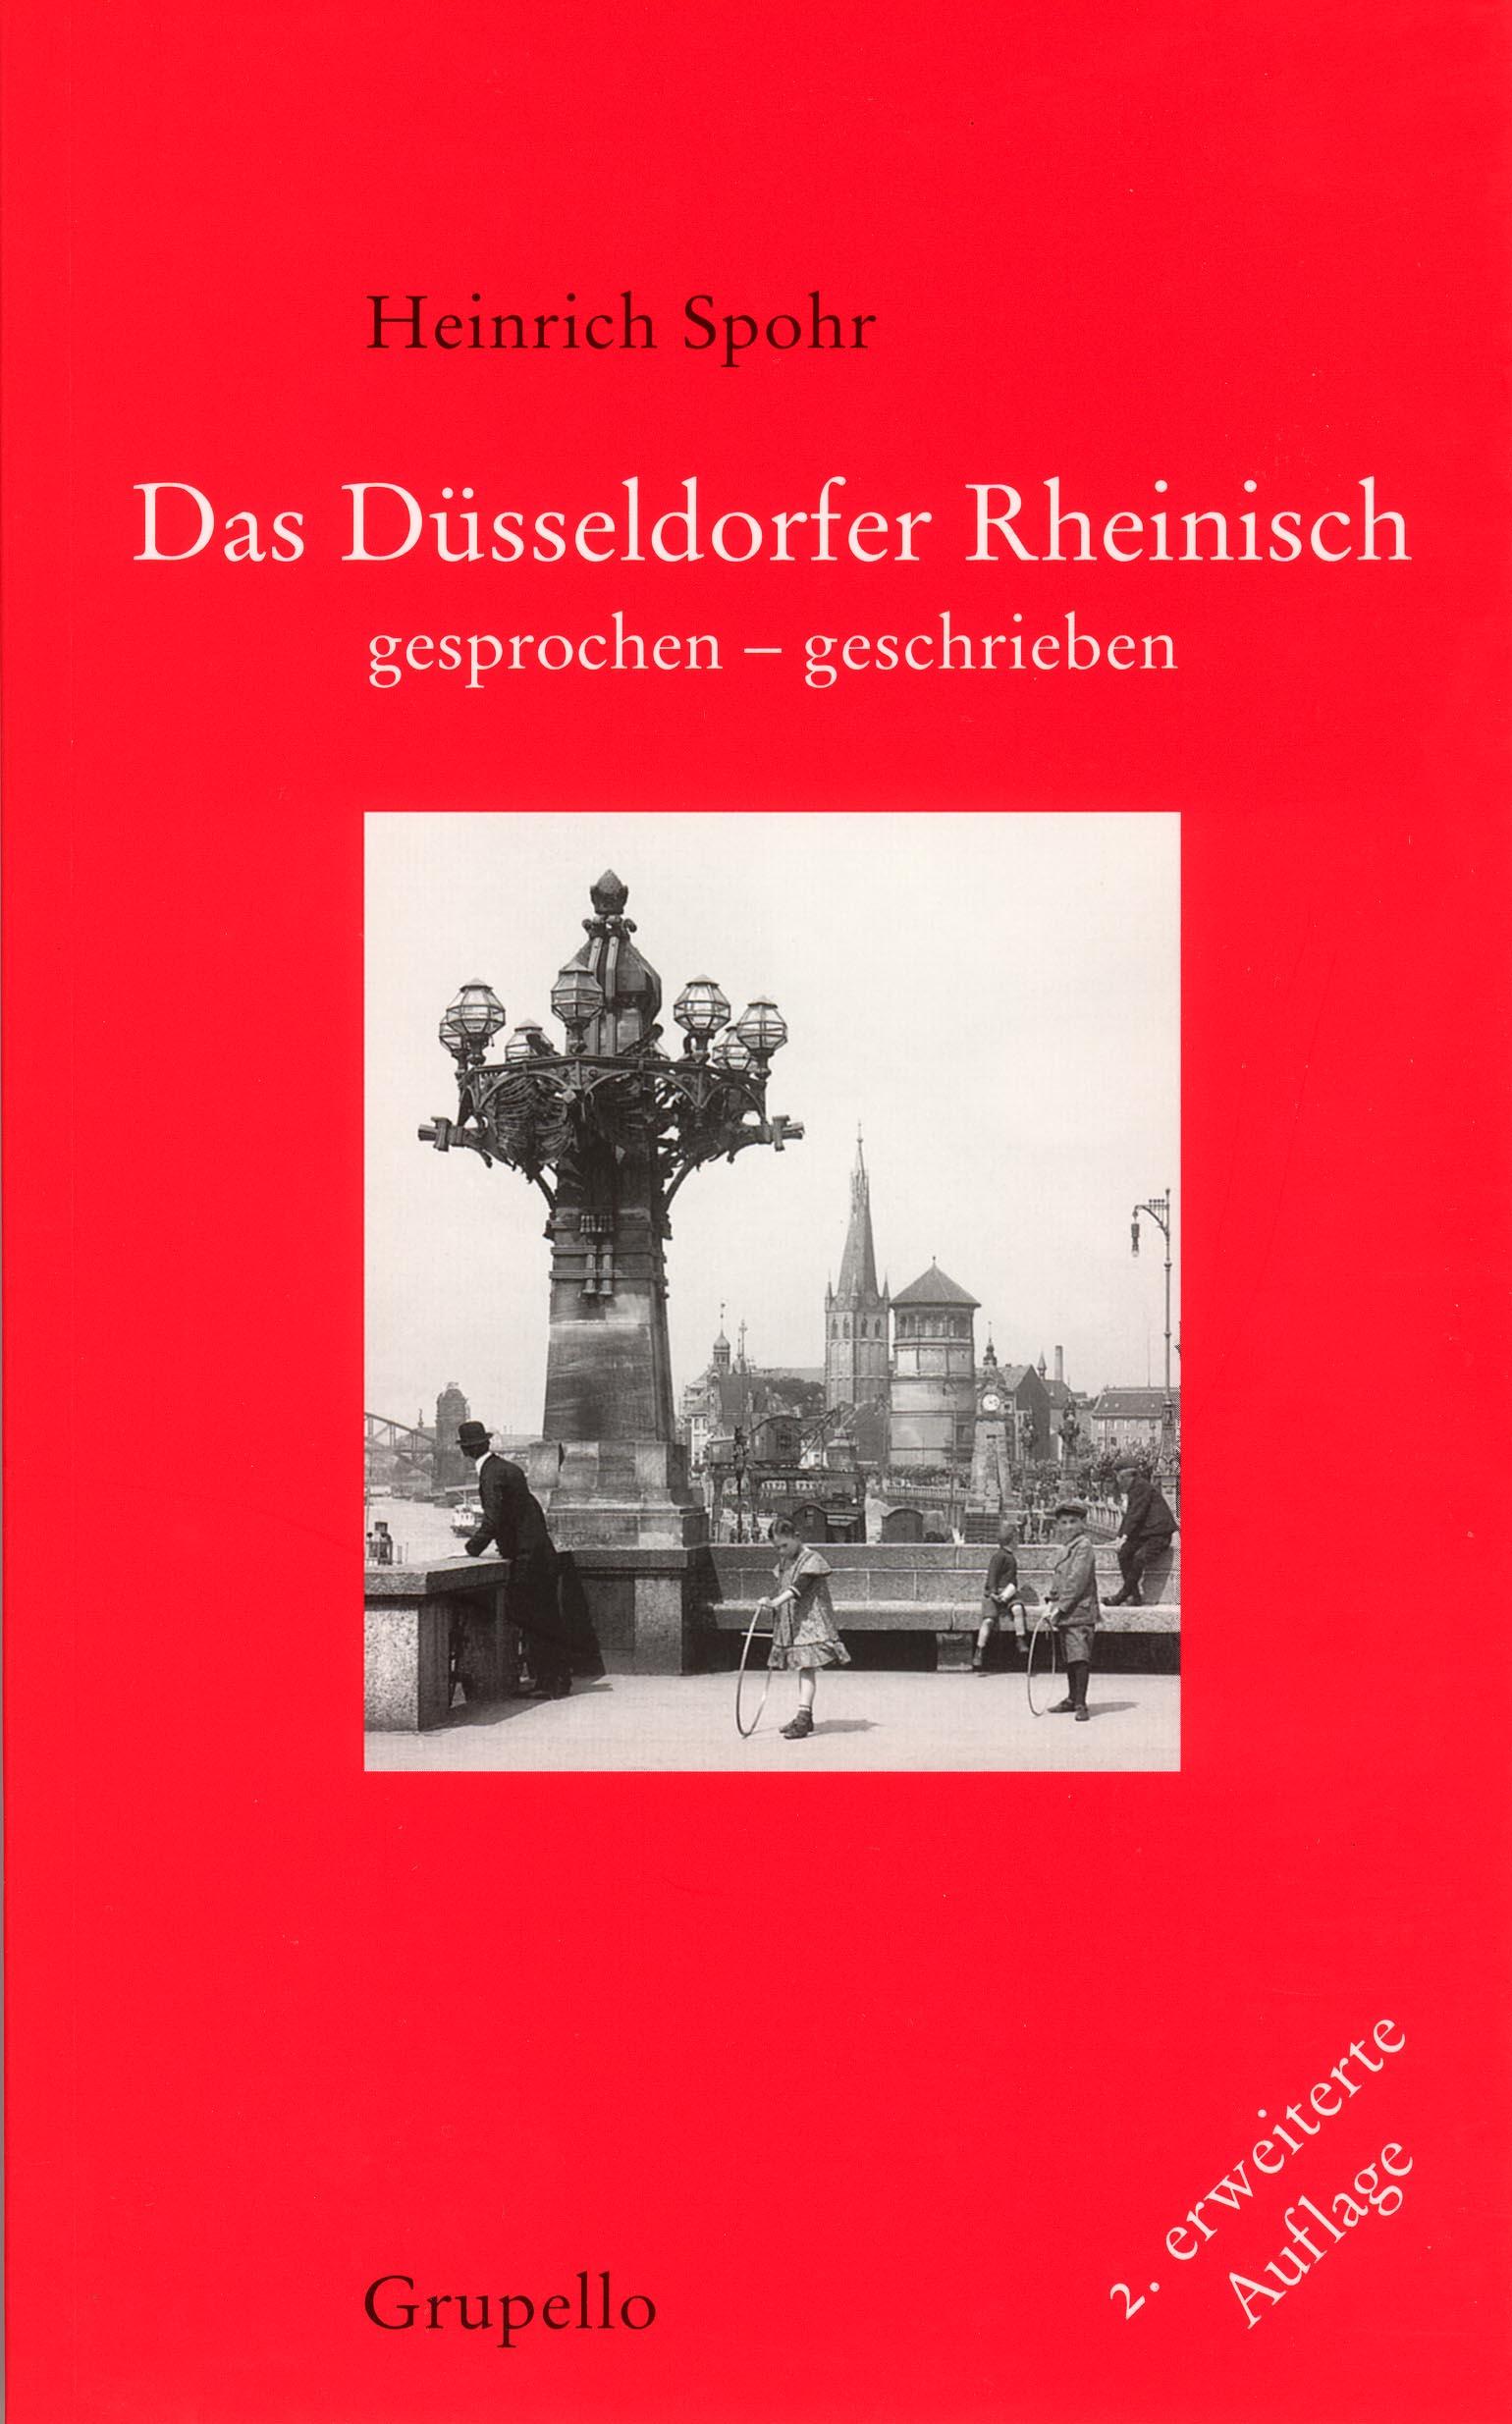 Das Düsseldorfer Rheinisch, Heinrich Spohr